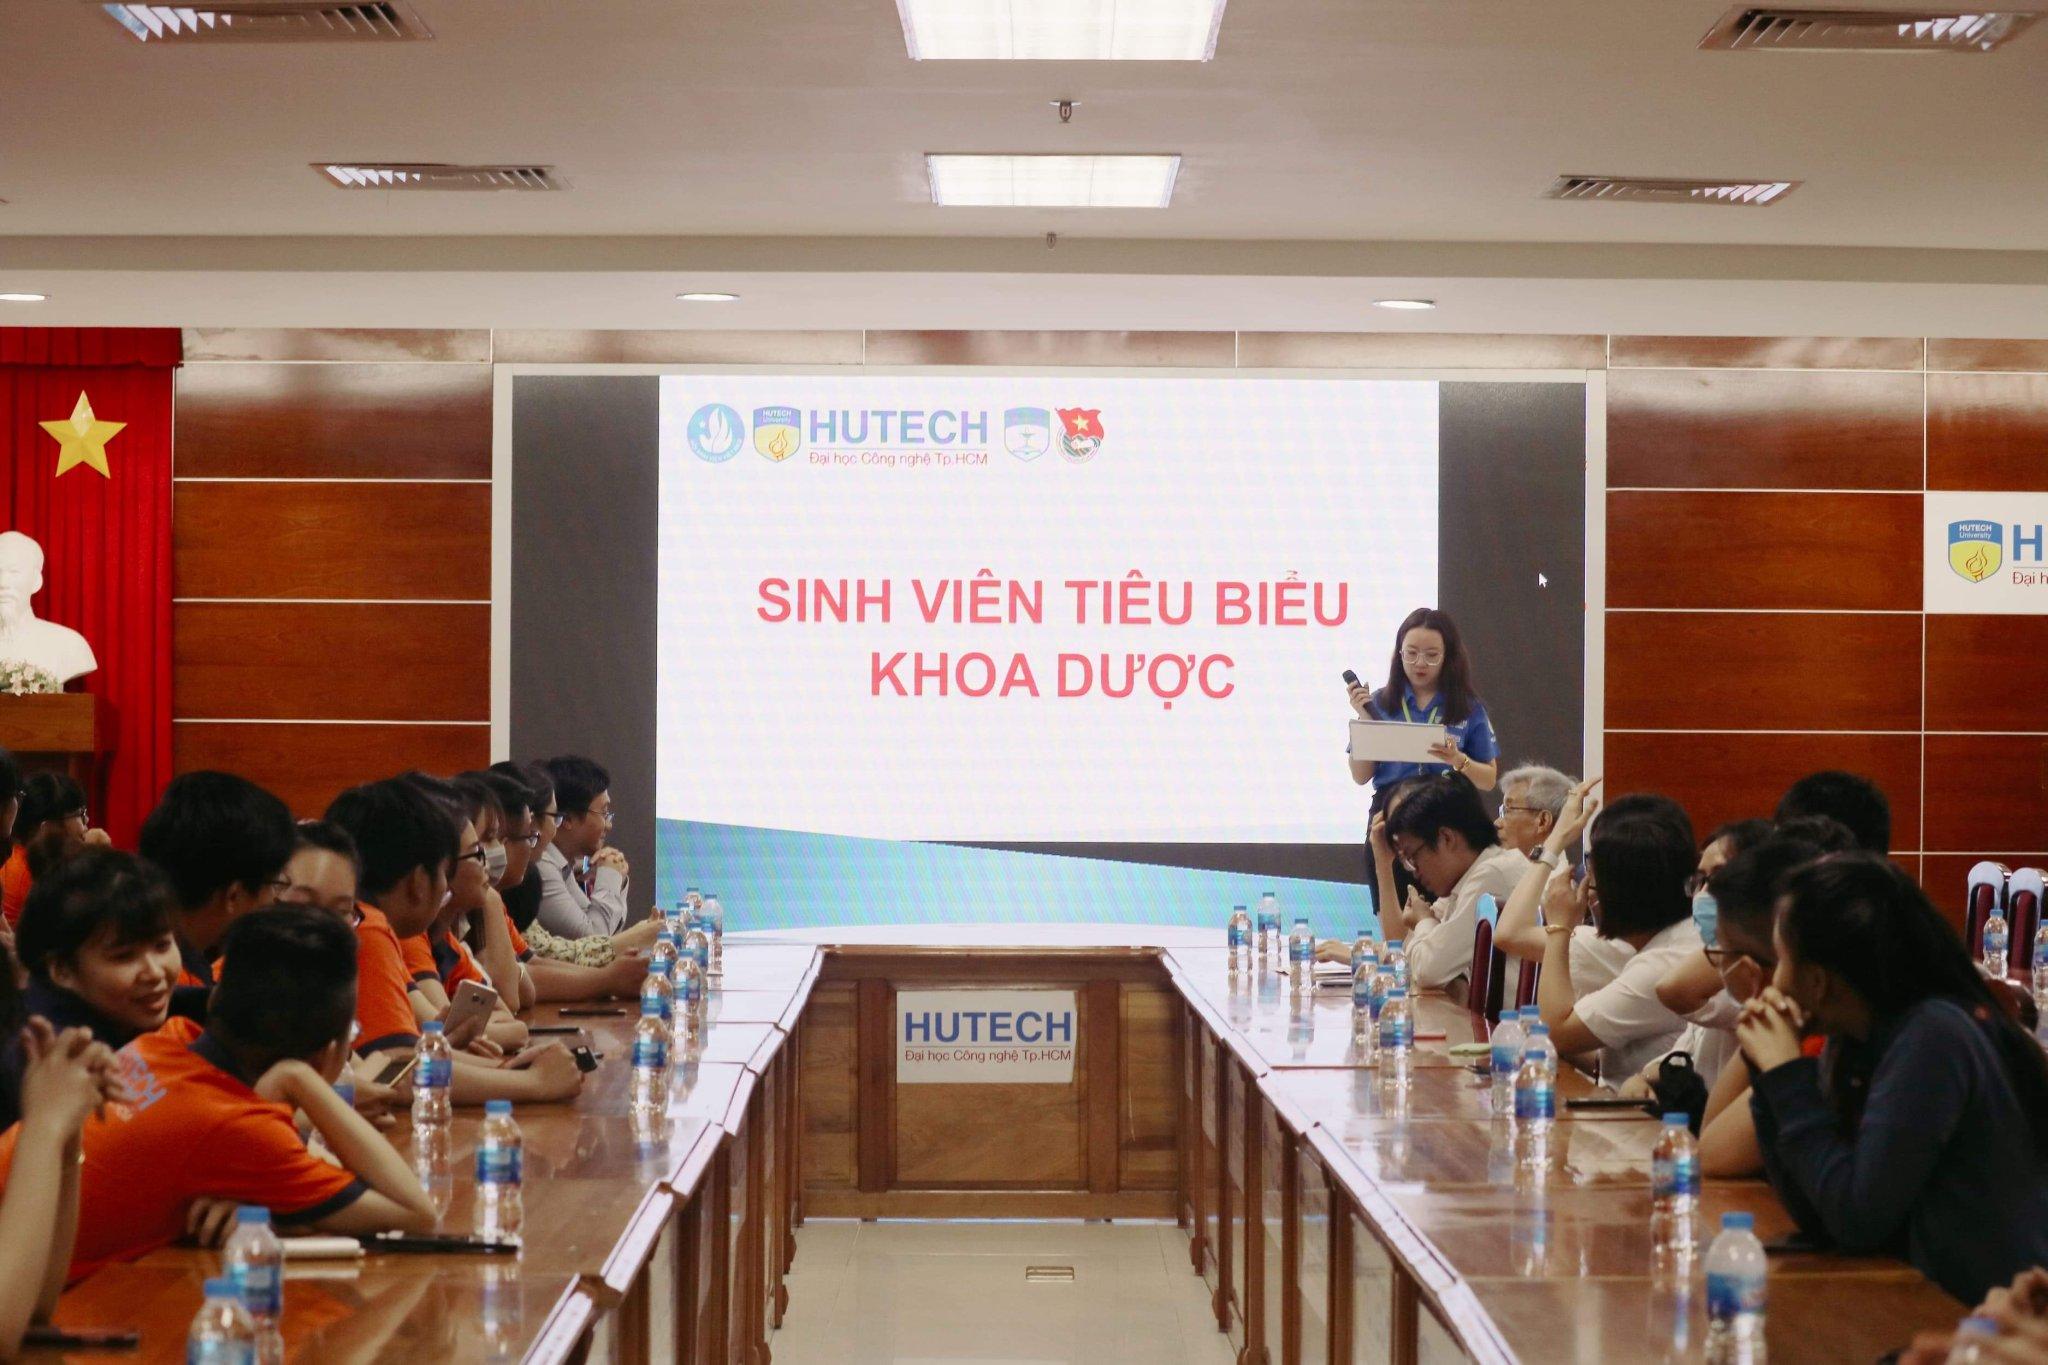 76 sinh viên khoa Dược HUTECH đạt danh hiệu sinh viên tiêu biểu năm học 2019 - 2020